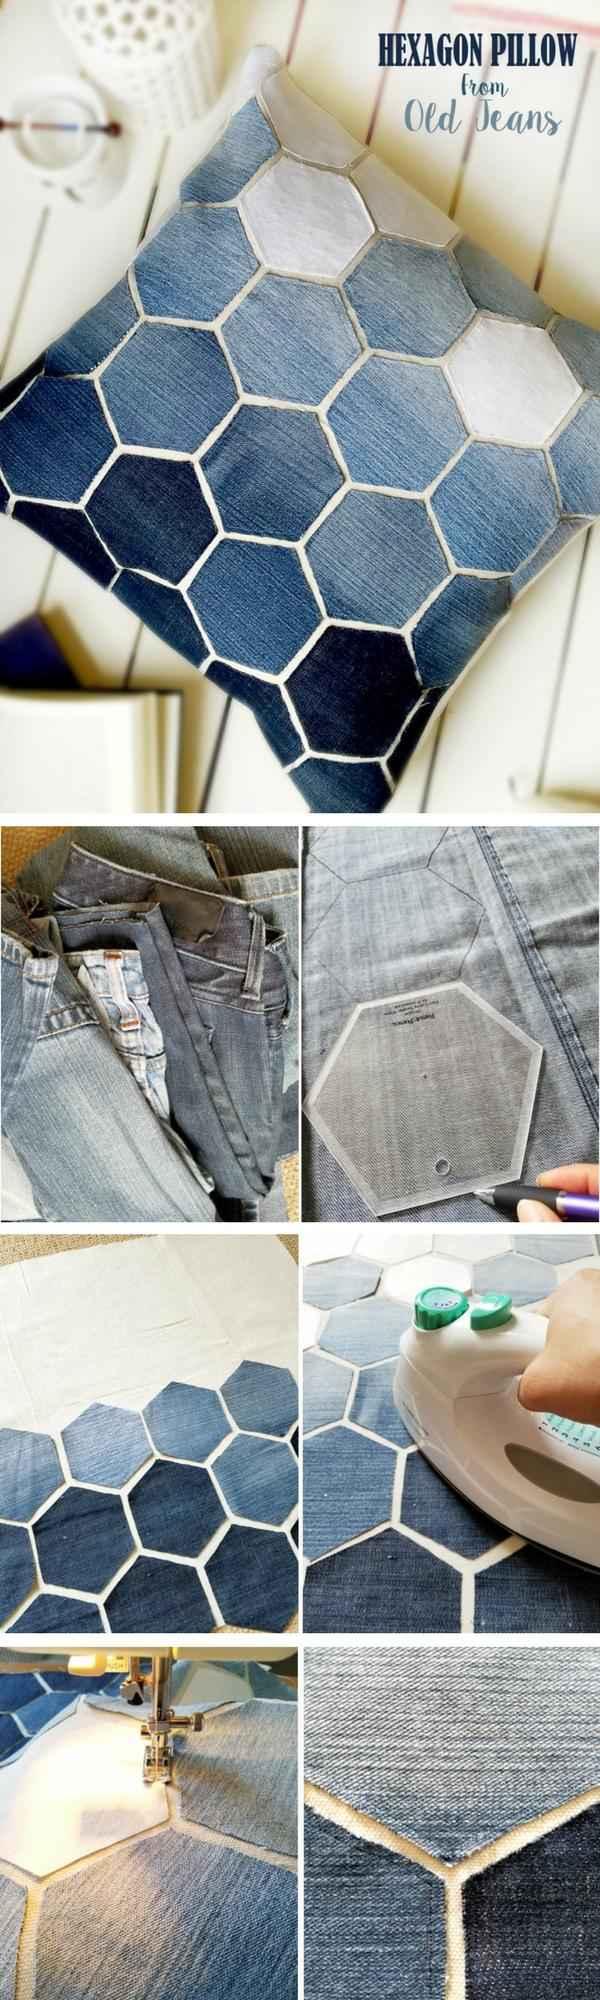 10 идей использования старых джинсов